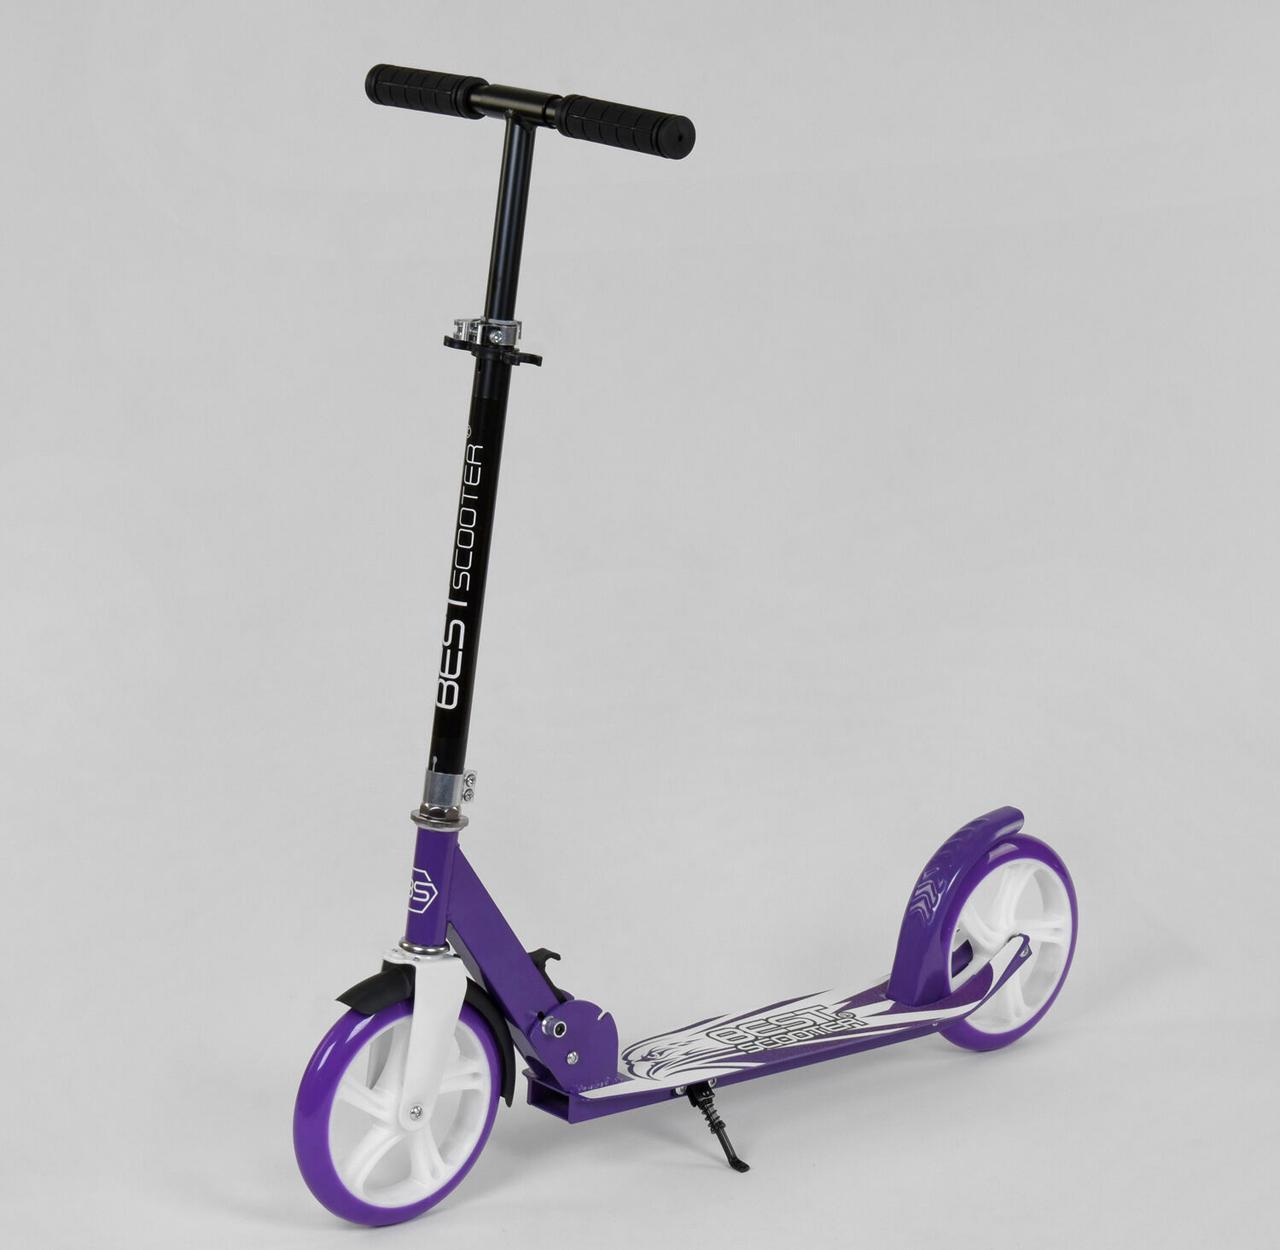 Самокат двухколесный  Best Scooter, Фиолетовый, цветные колеса PU - 20 см, зажим руля, длина доски 53 см